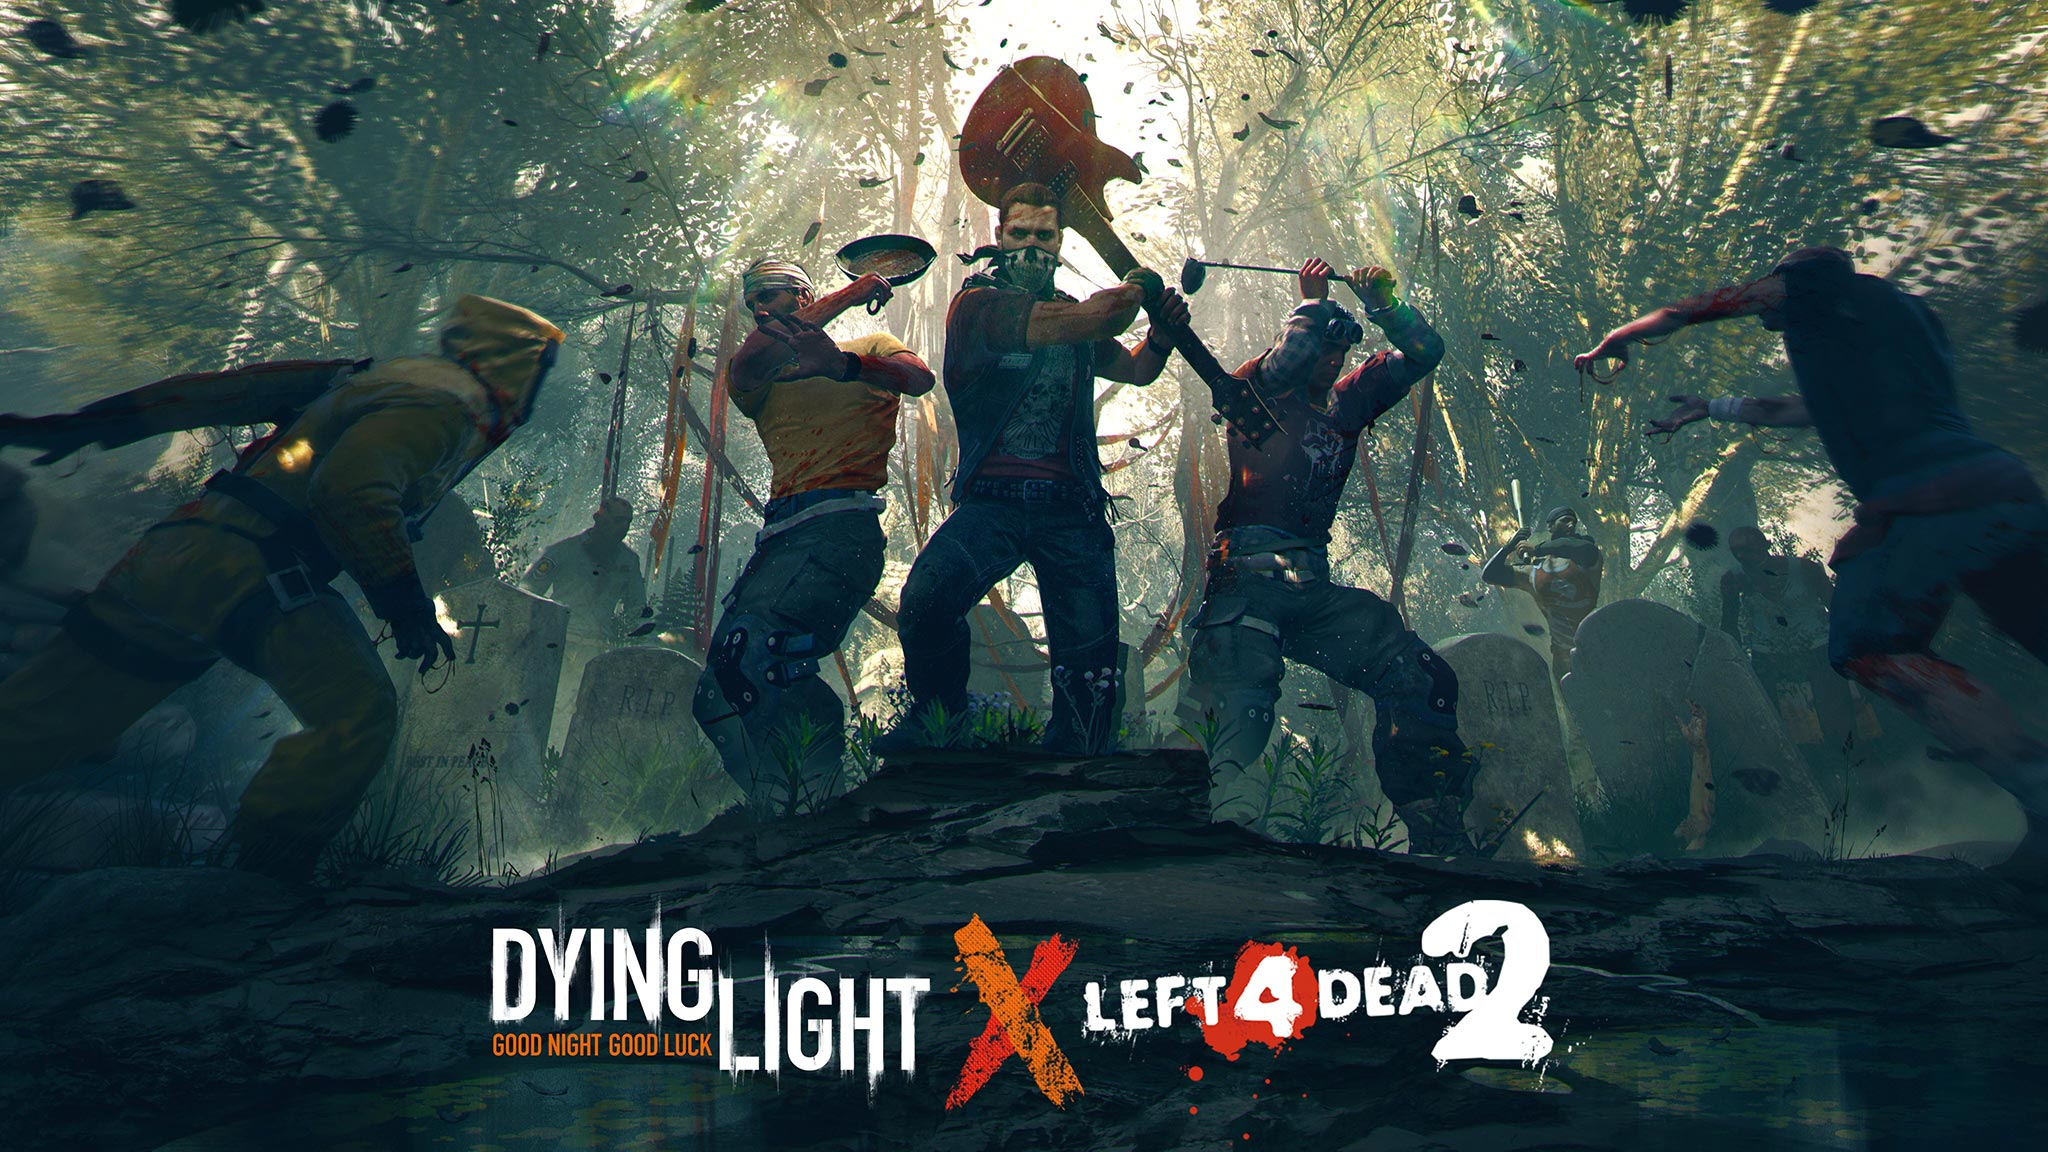 Dying Light i Left 4 Dead 2 - co wyjdzie z takiego połączenia? 29